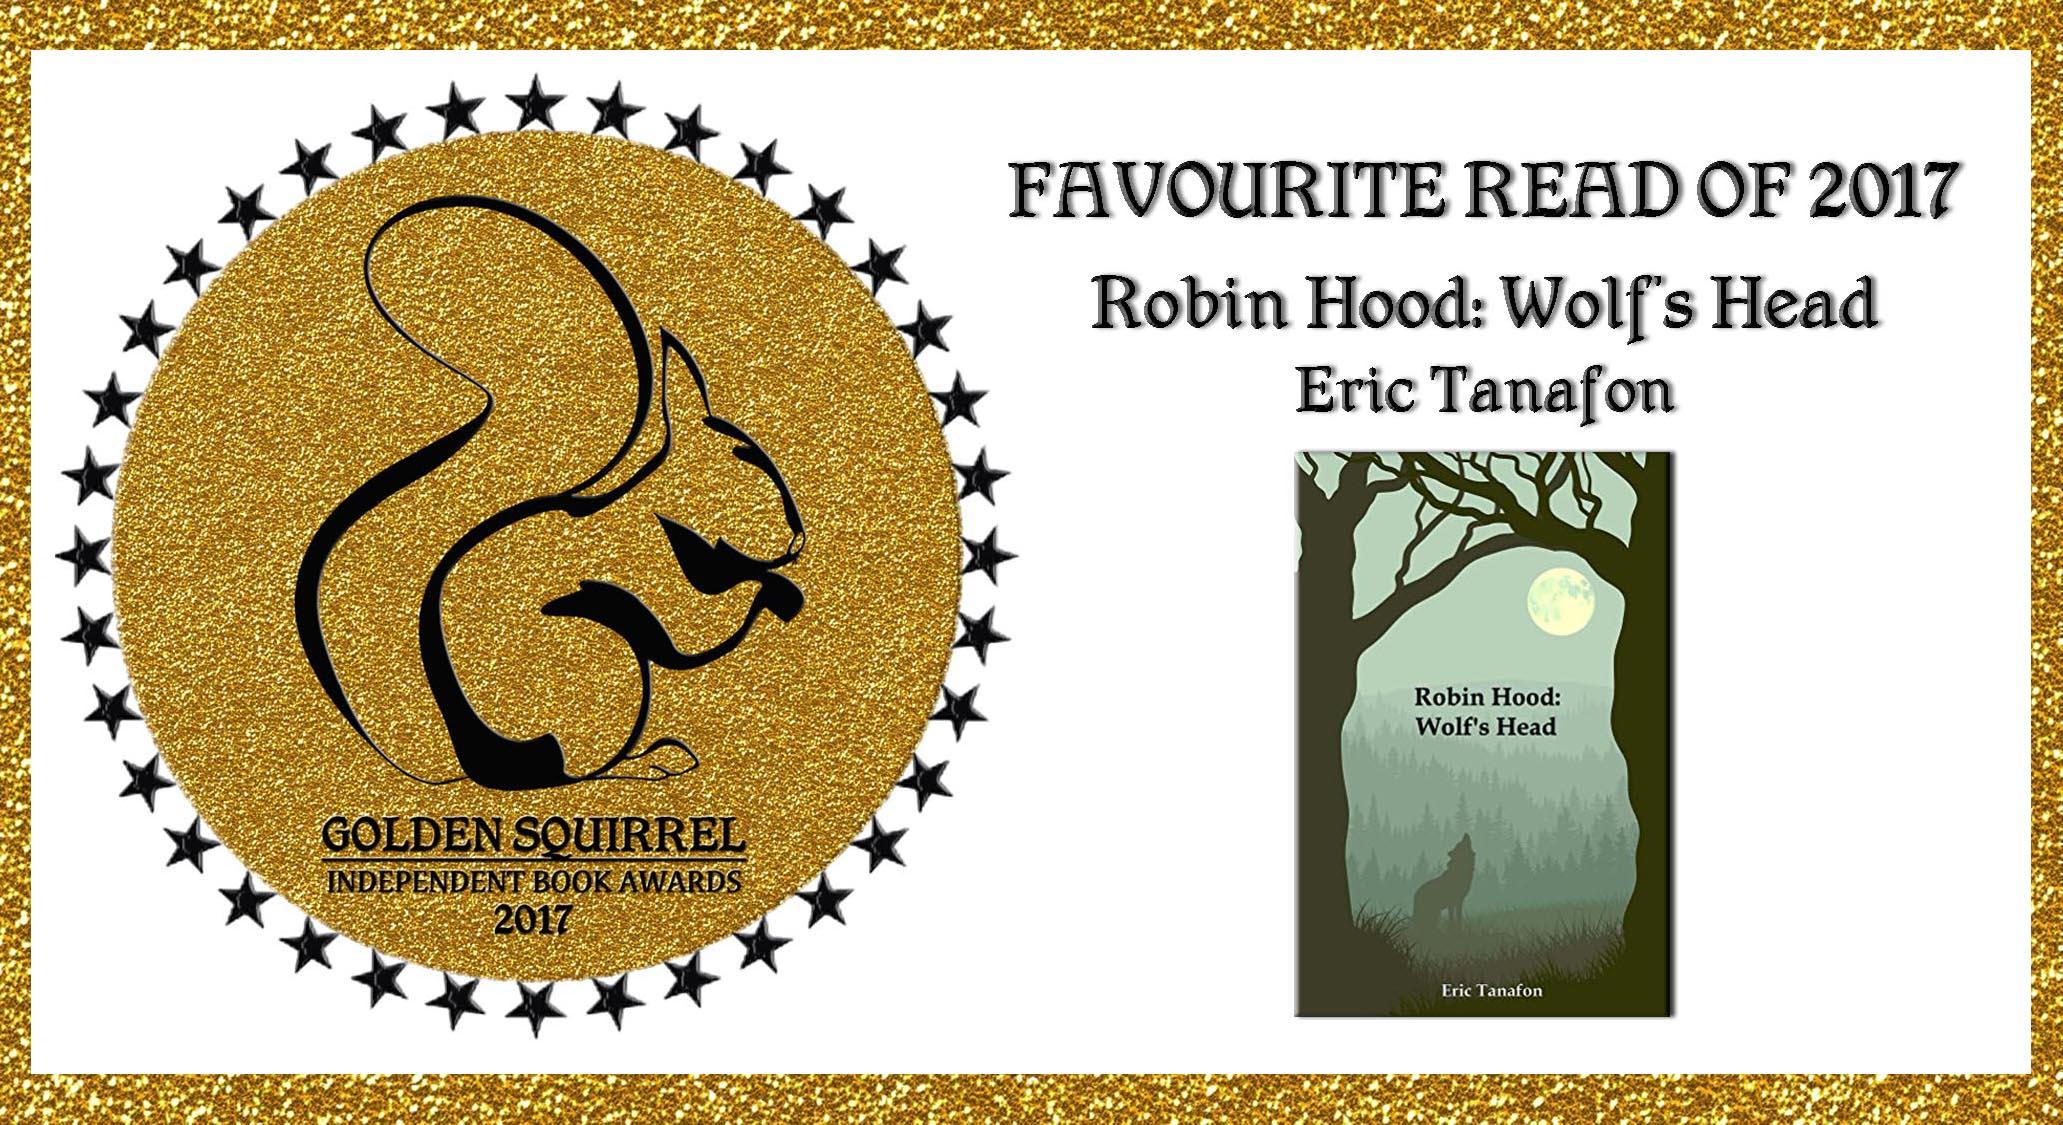 Golden Squirrel Awards Best Book2017